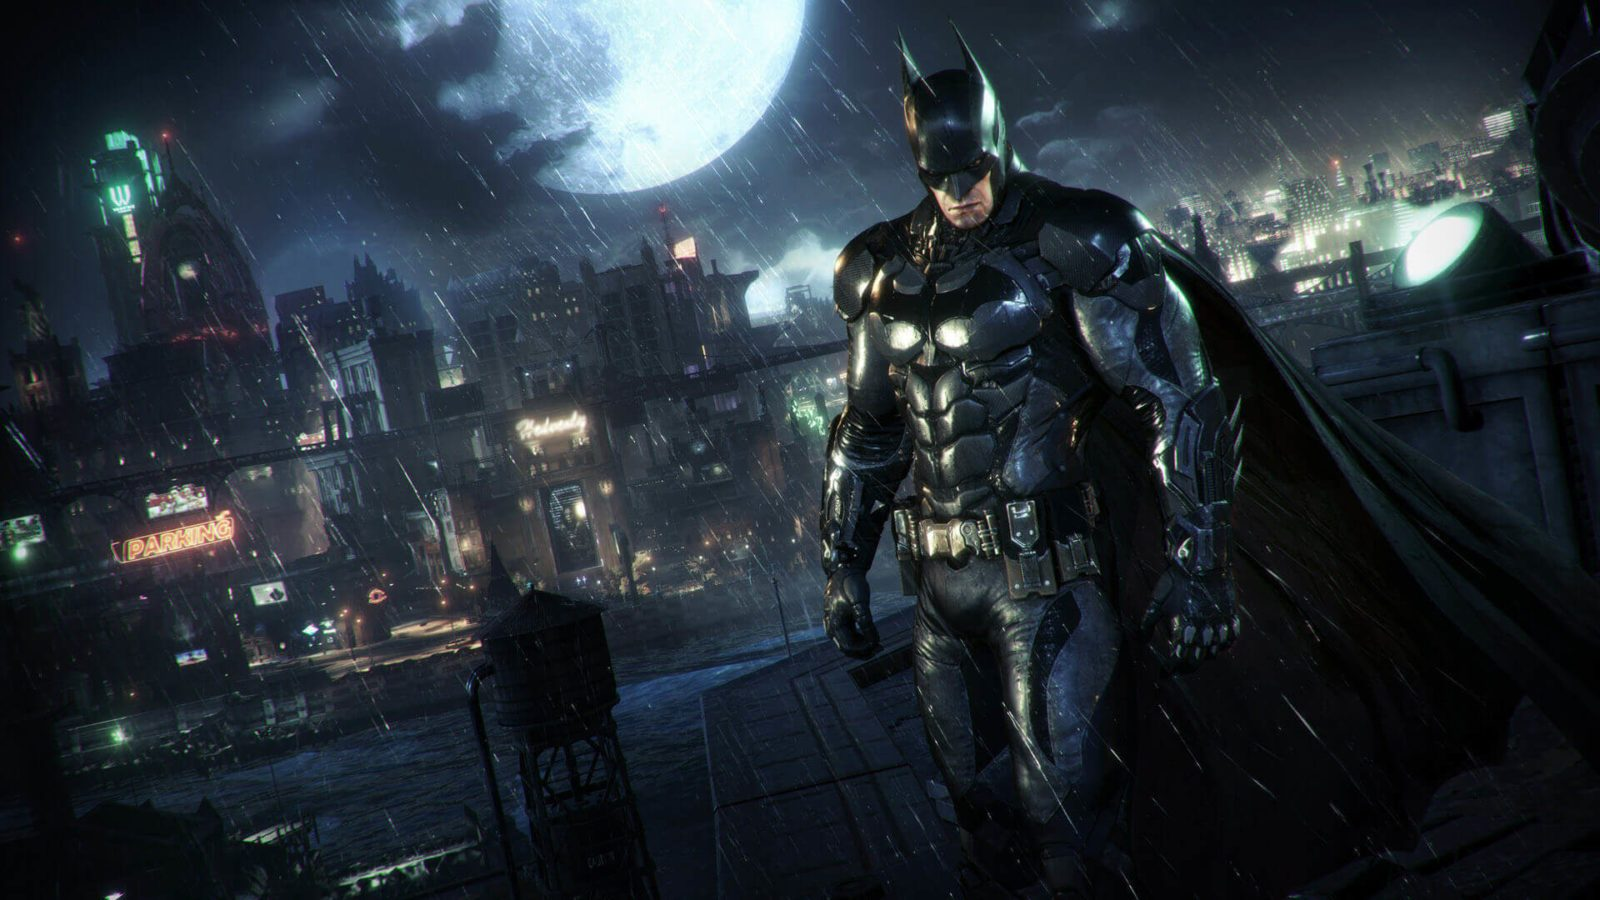 Batman Arkham: Knight sistem gereksinimleri açıklandı! 1